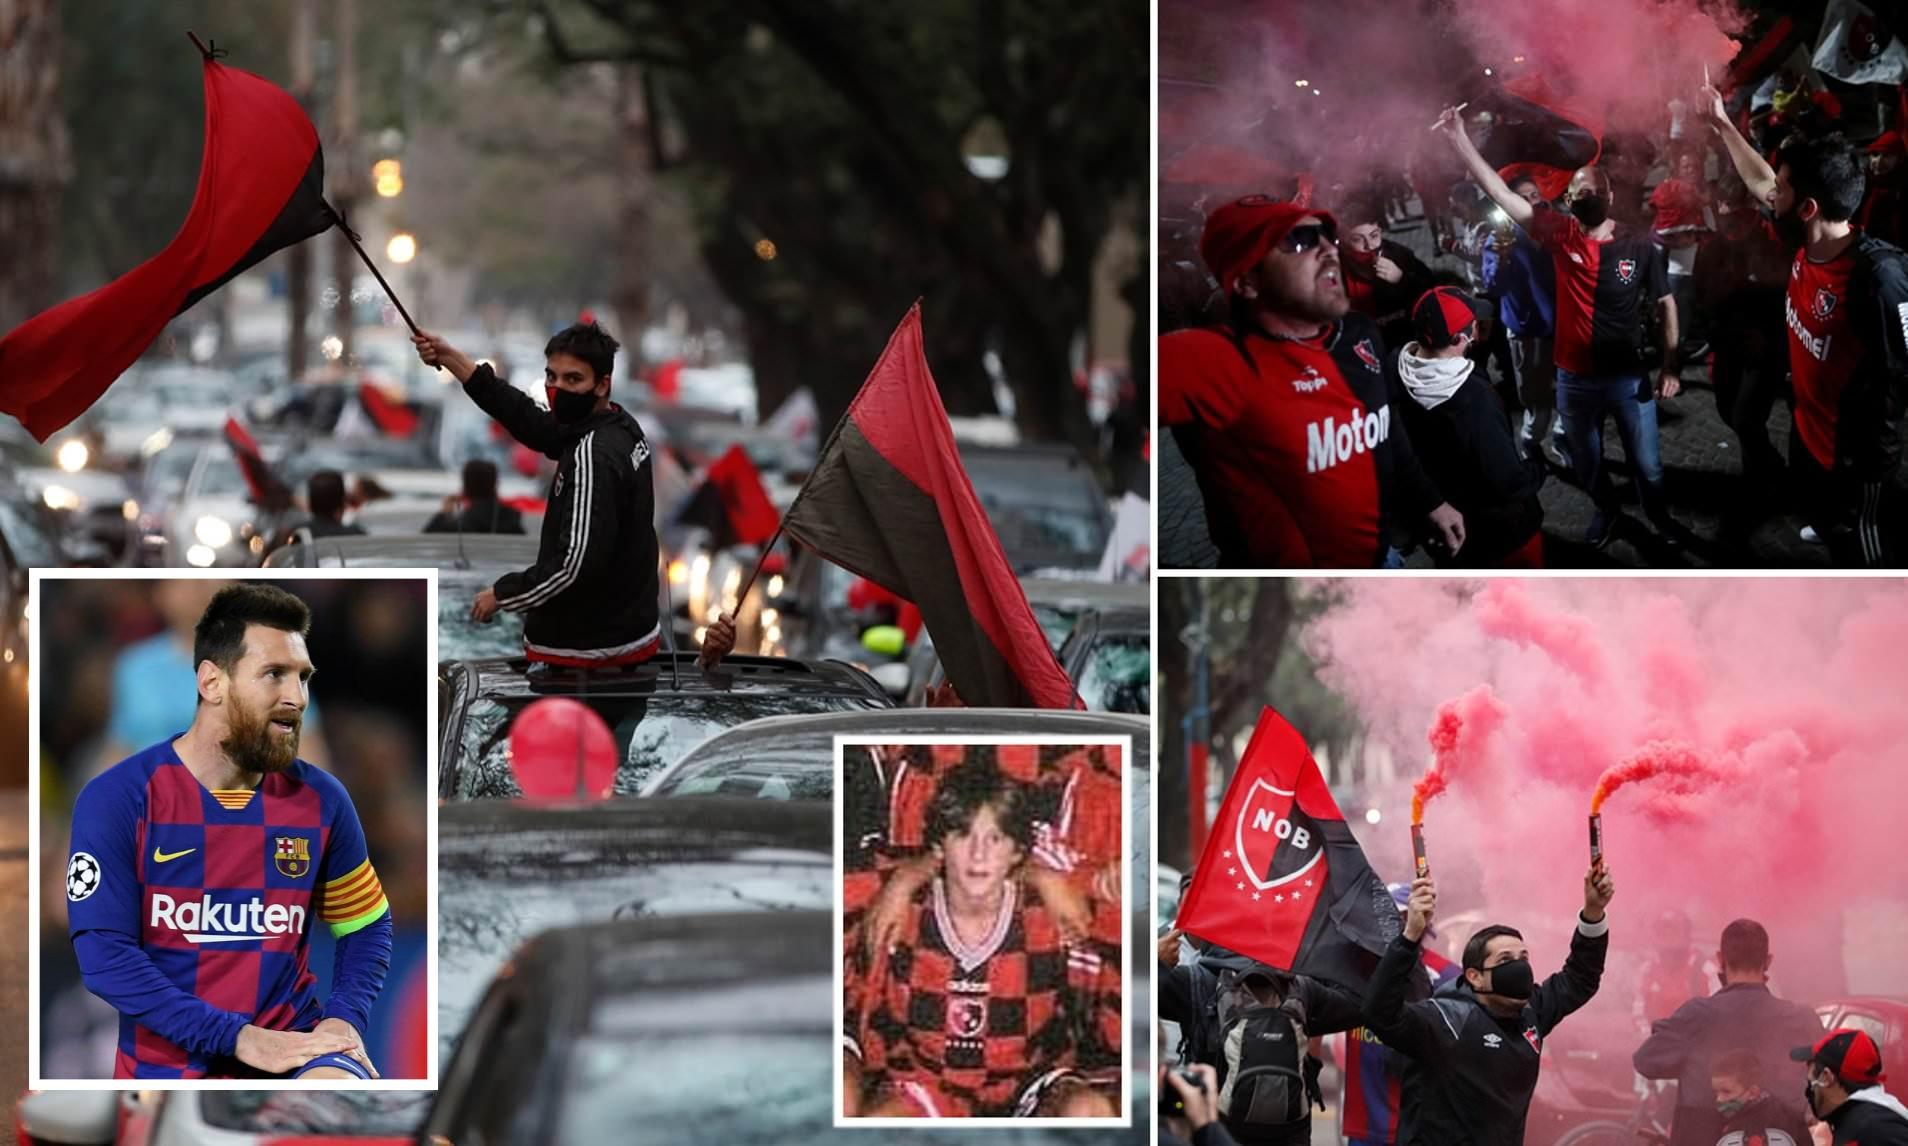 मेस्सीलाई 'फुटबल सिकेको क्लब फर्क' भन्दै अर्जेन्टिनामा विशाल प्रदर्शन : हेरौं १२ तस्बिरमा